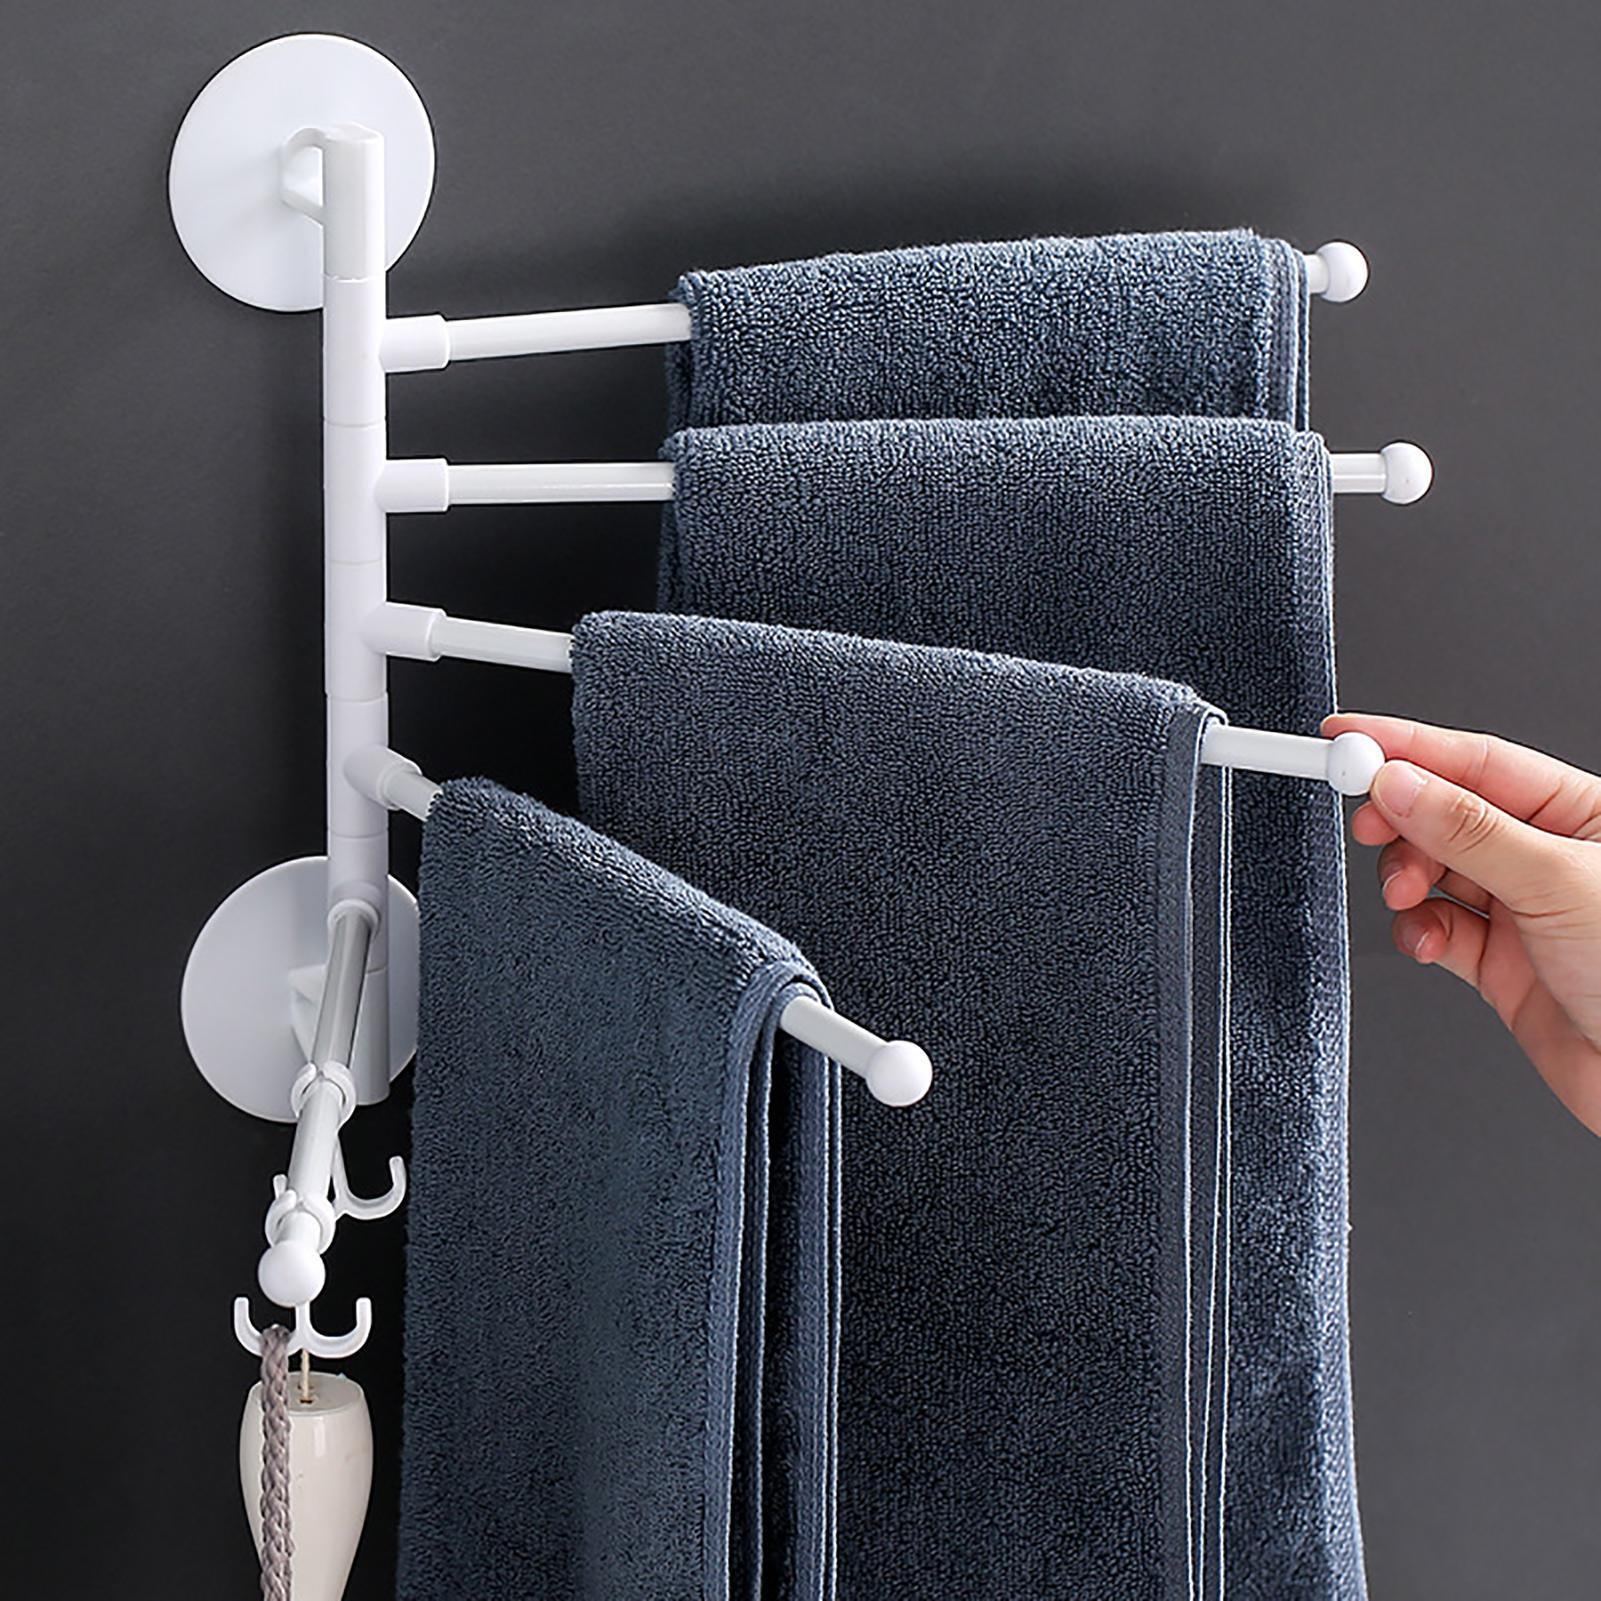 Soporte de toalla para baño, estante Adhesivo para toalla de cocina, Mural...